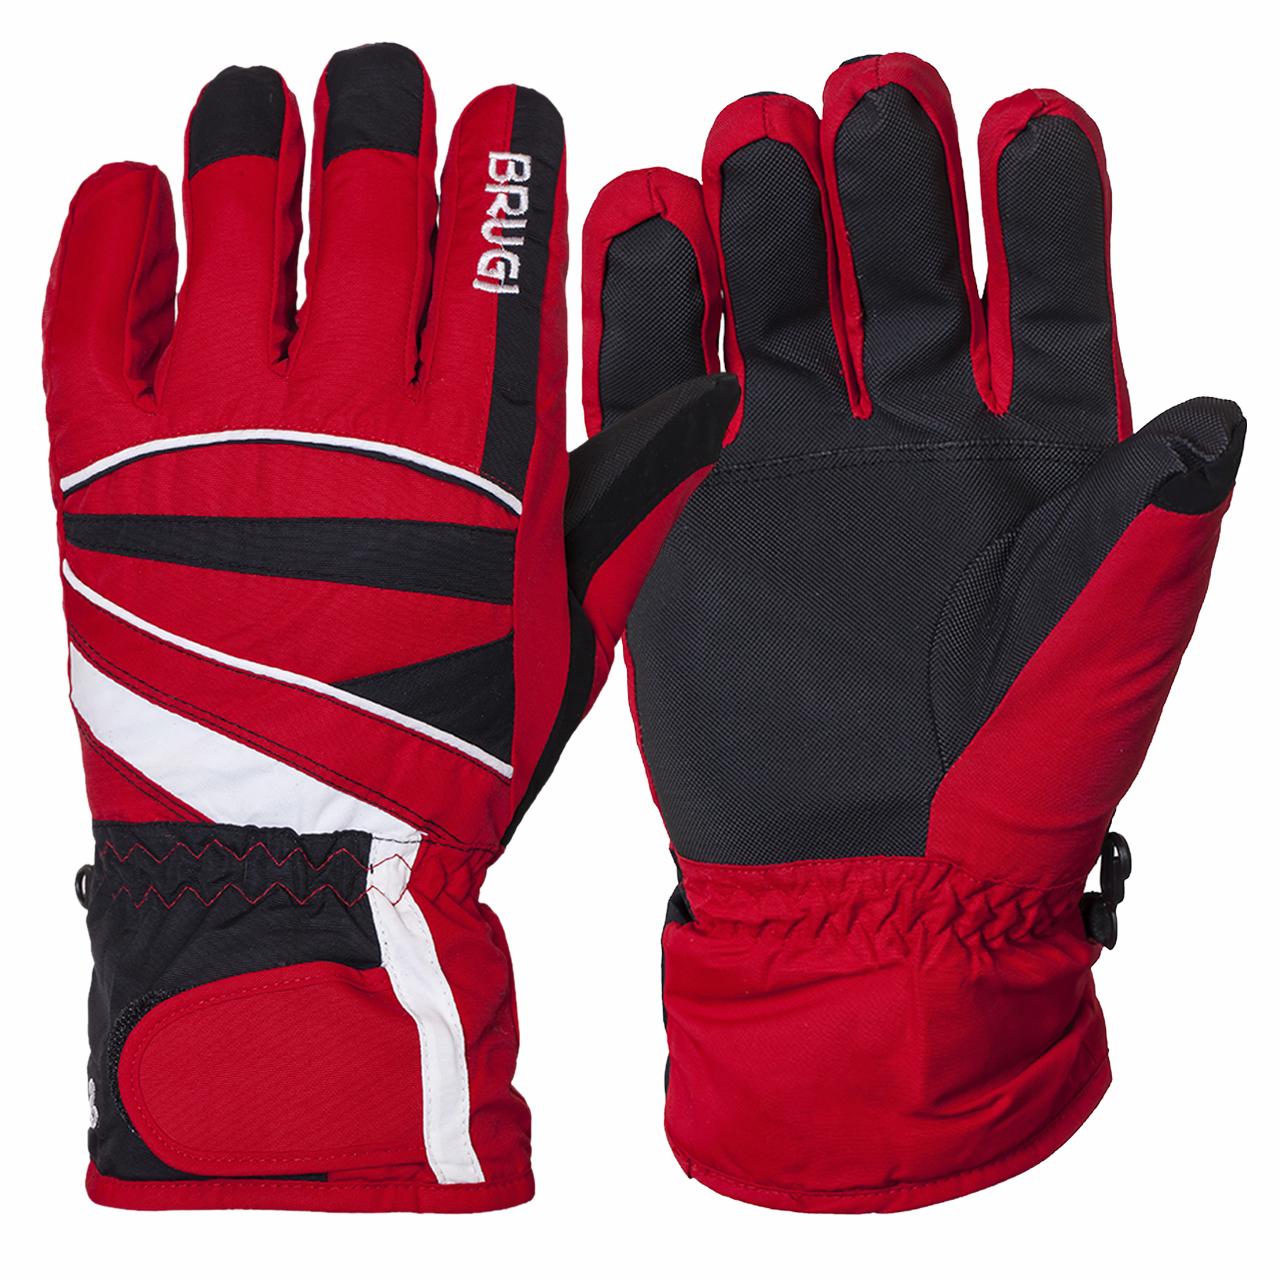 Спортивные горнолыжные перчатки Brugi